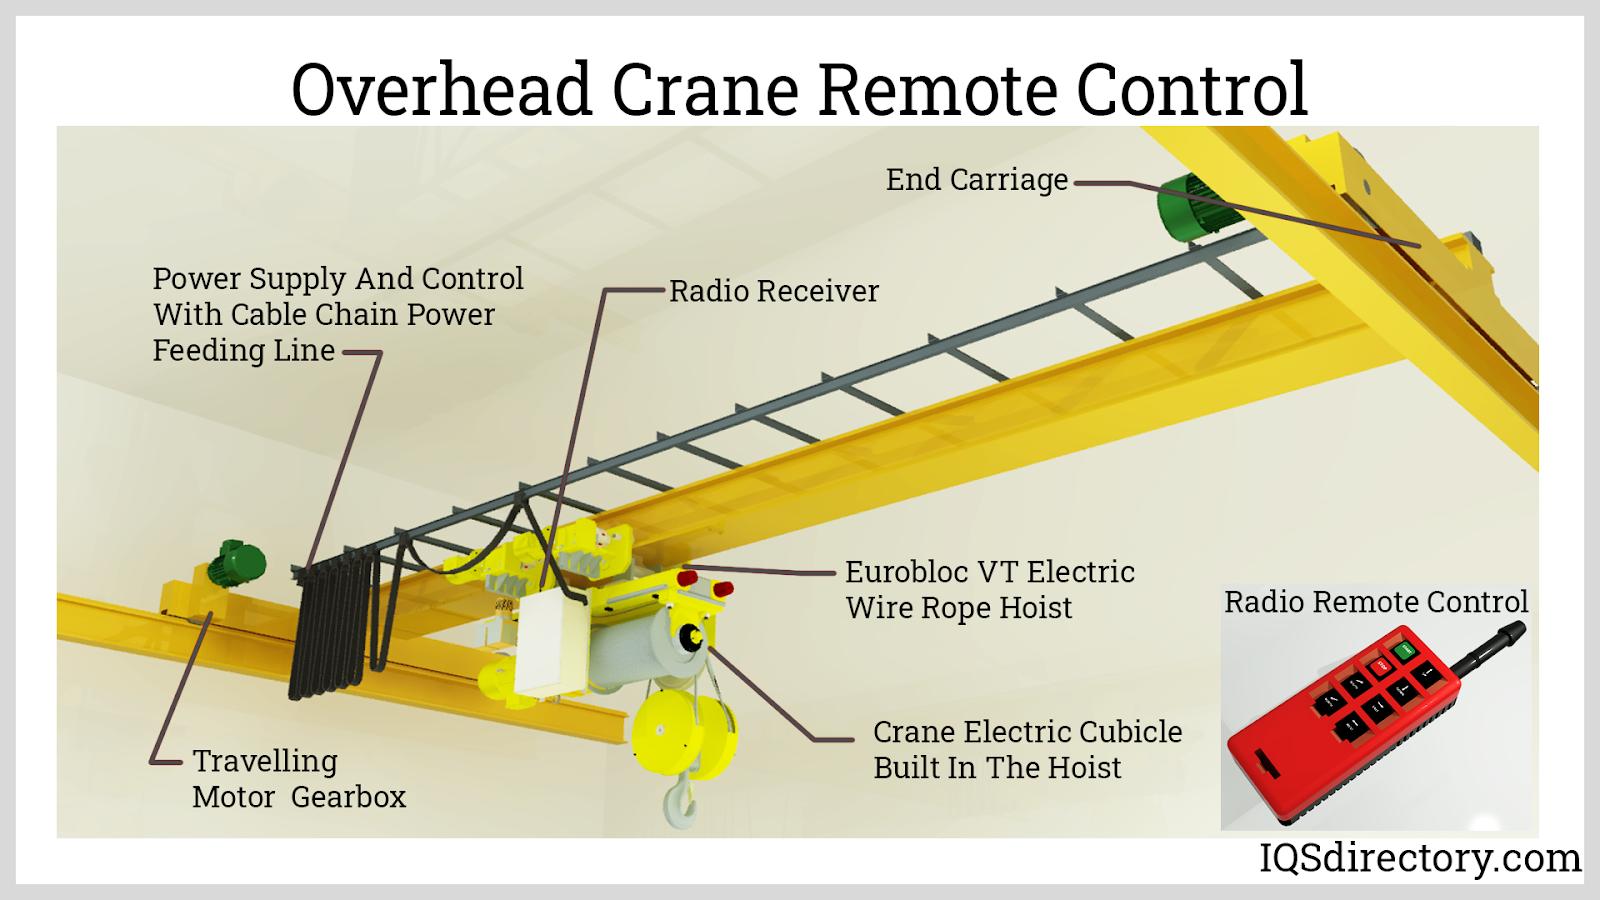 Overhead Crane Remote Control